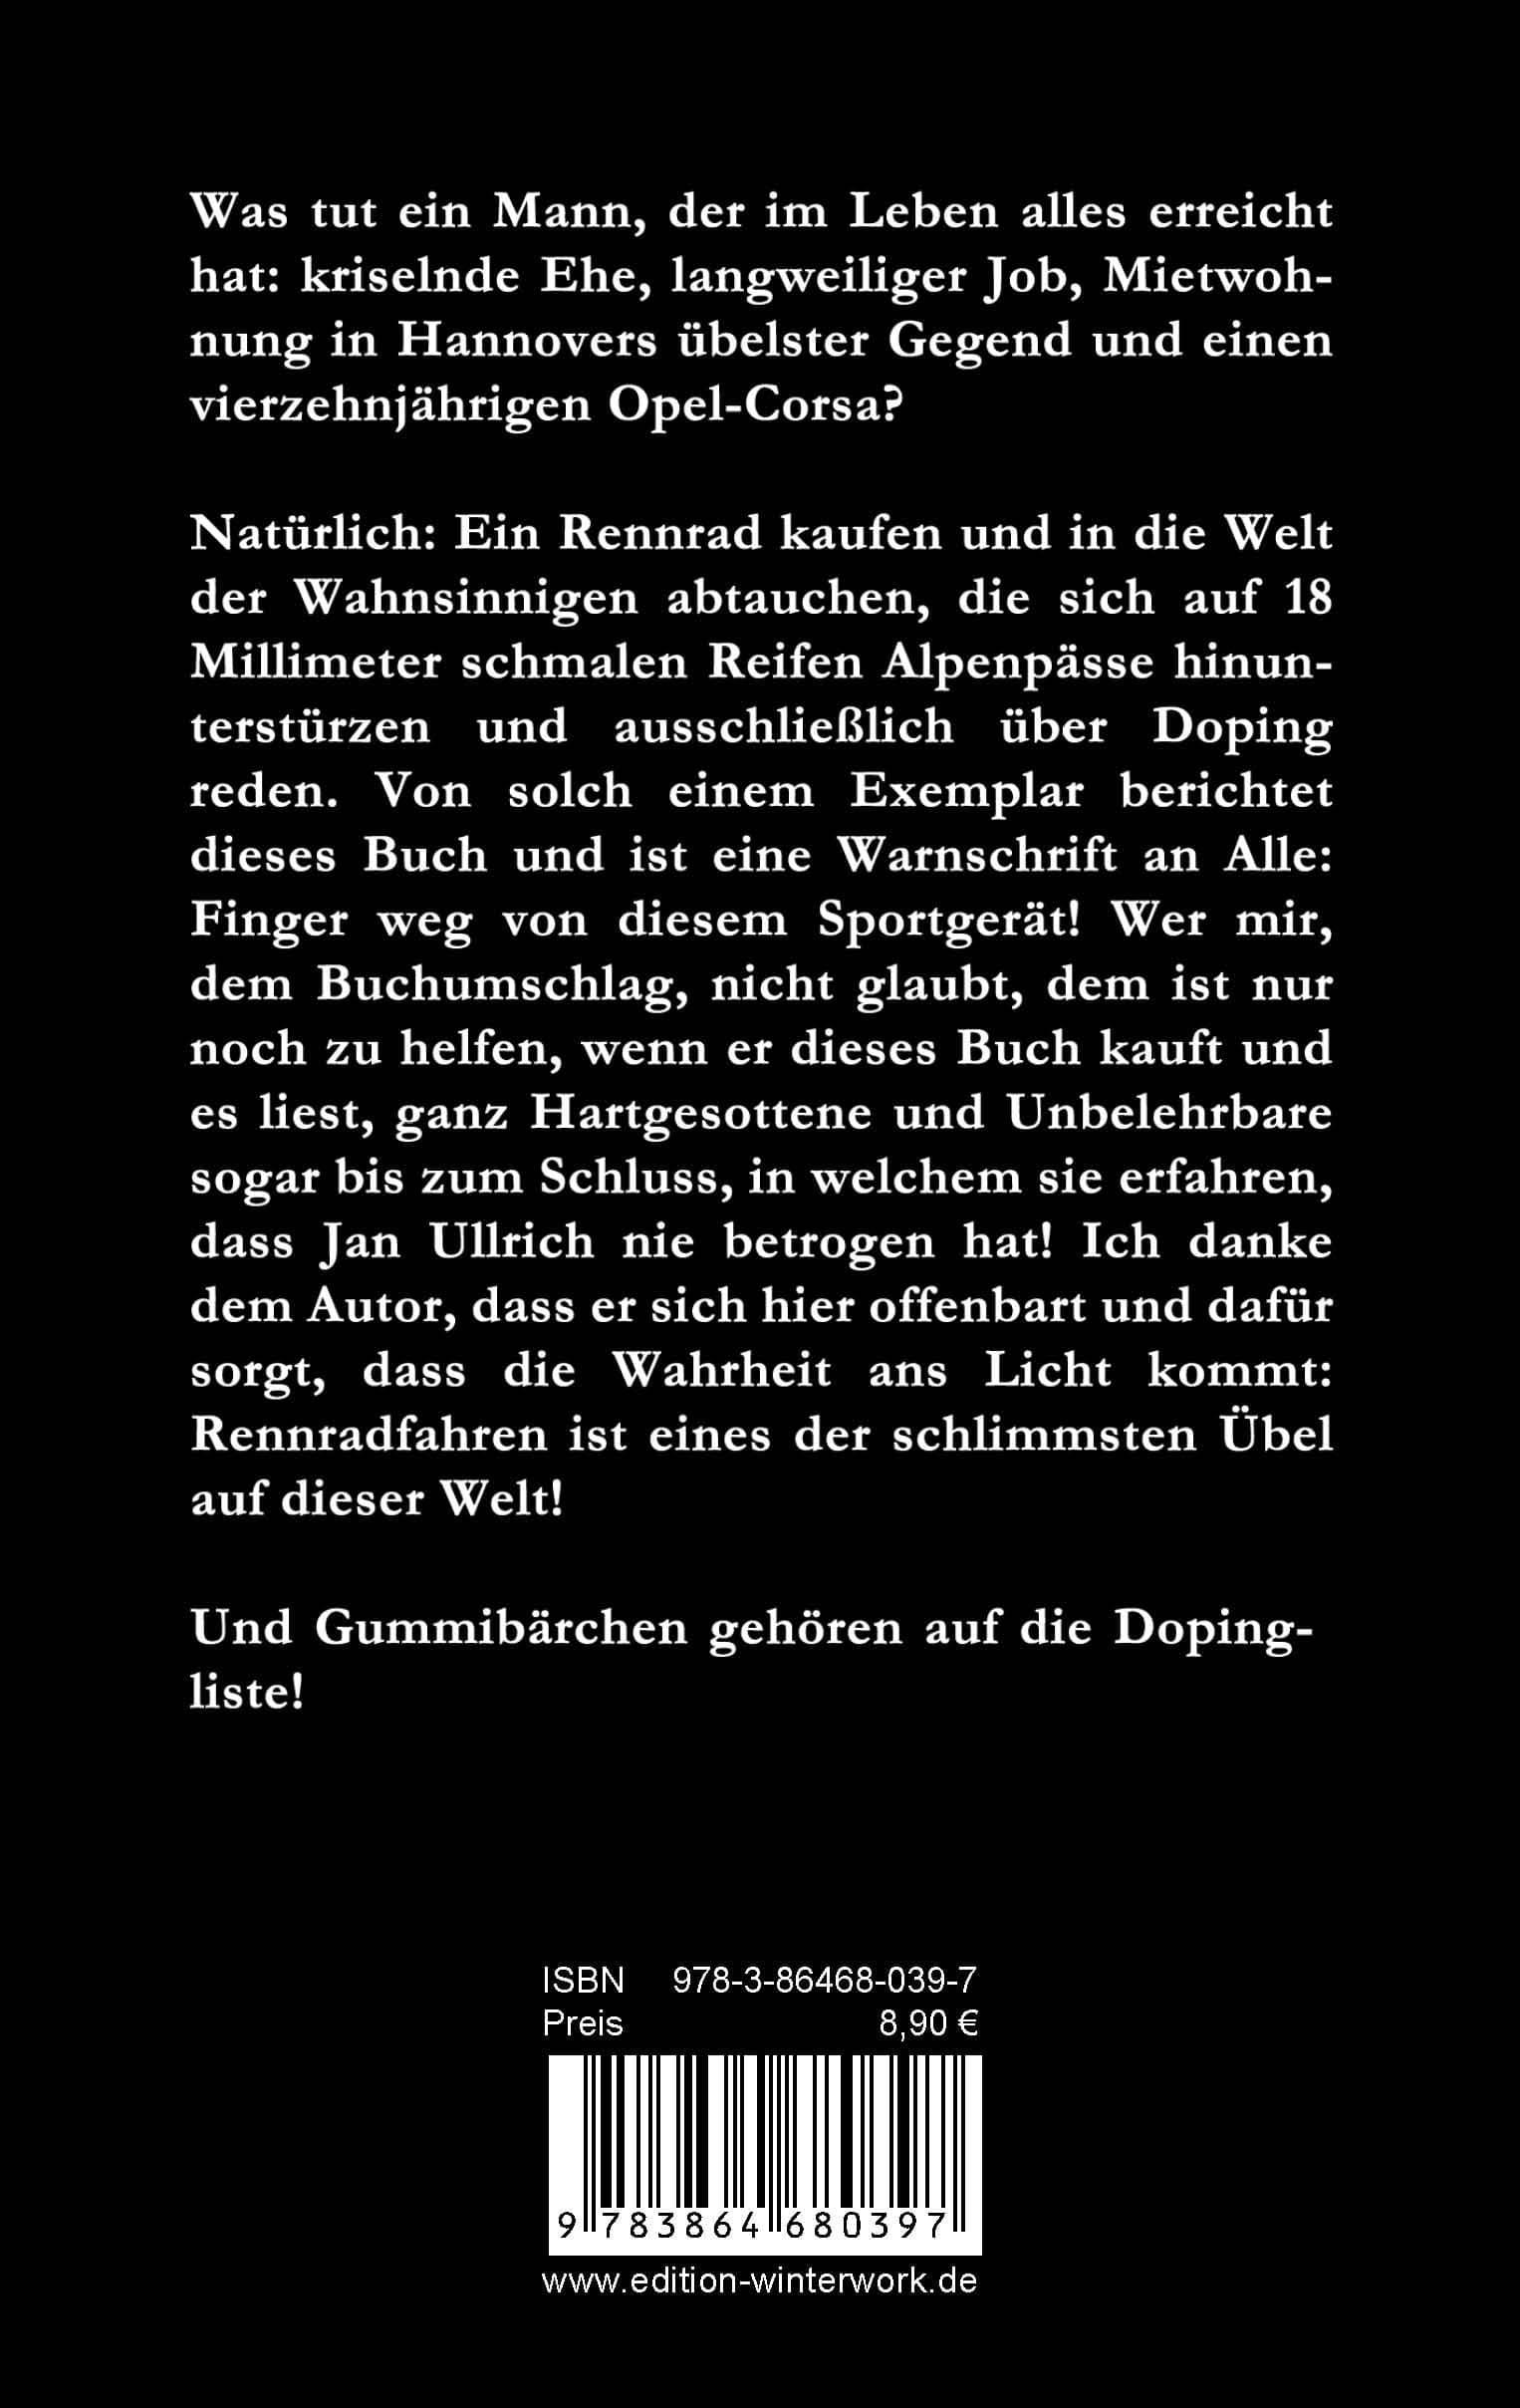 """Buchrückseite der Rennrad-Satire """"Gummibärchen auf die Dopingliste"""